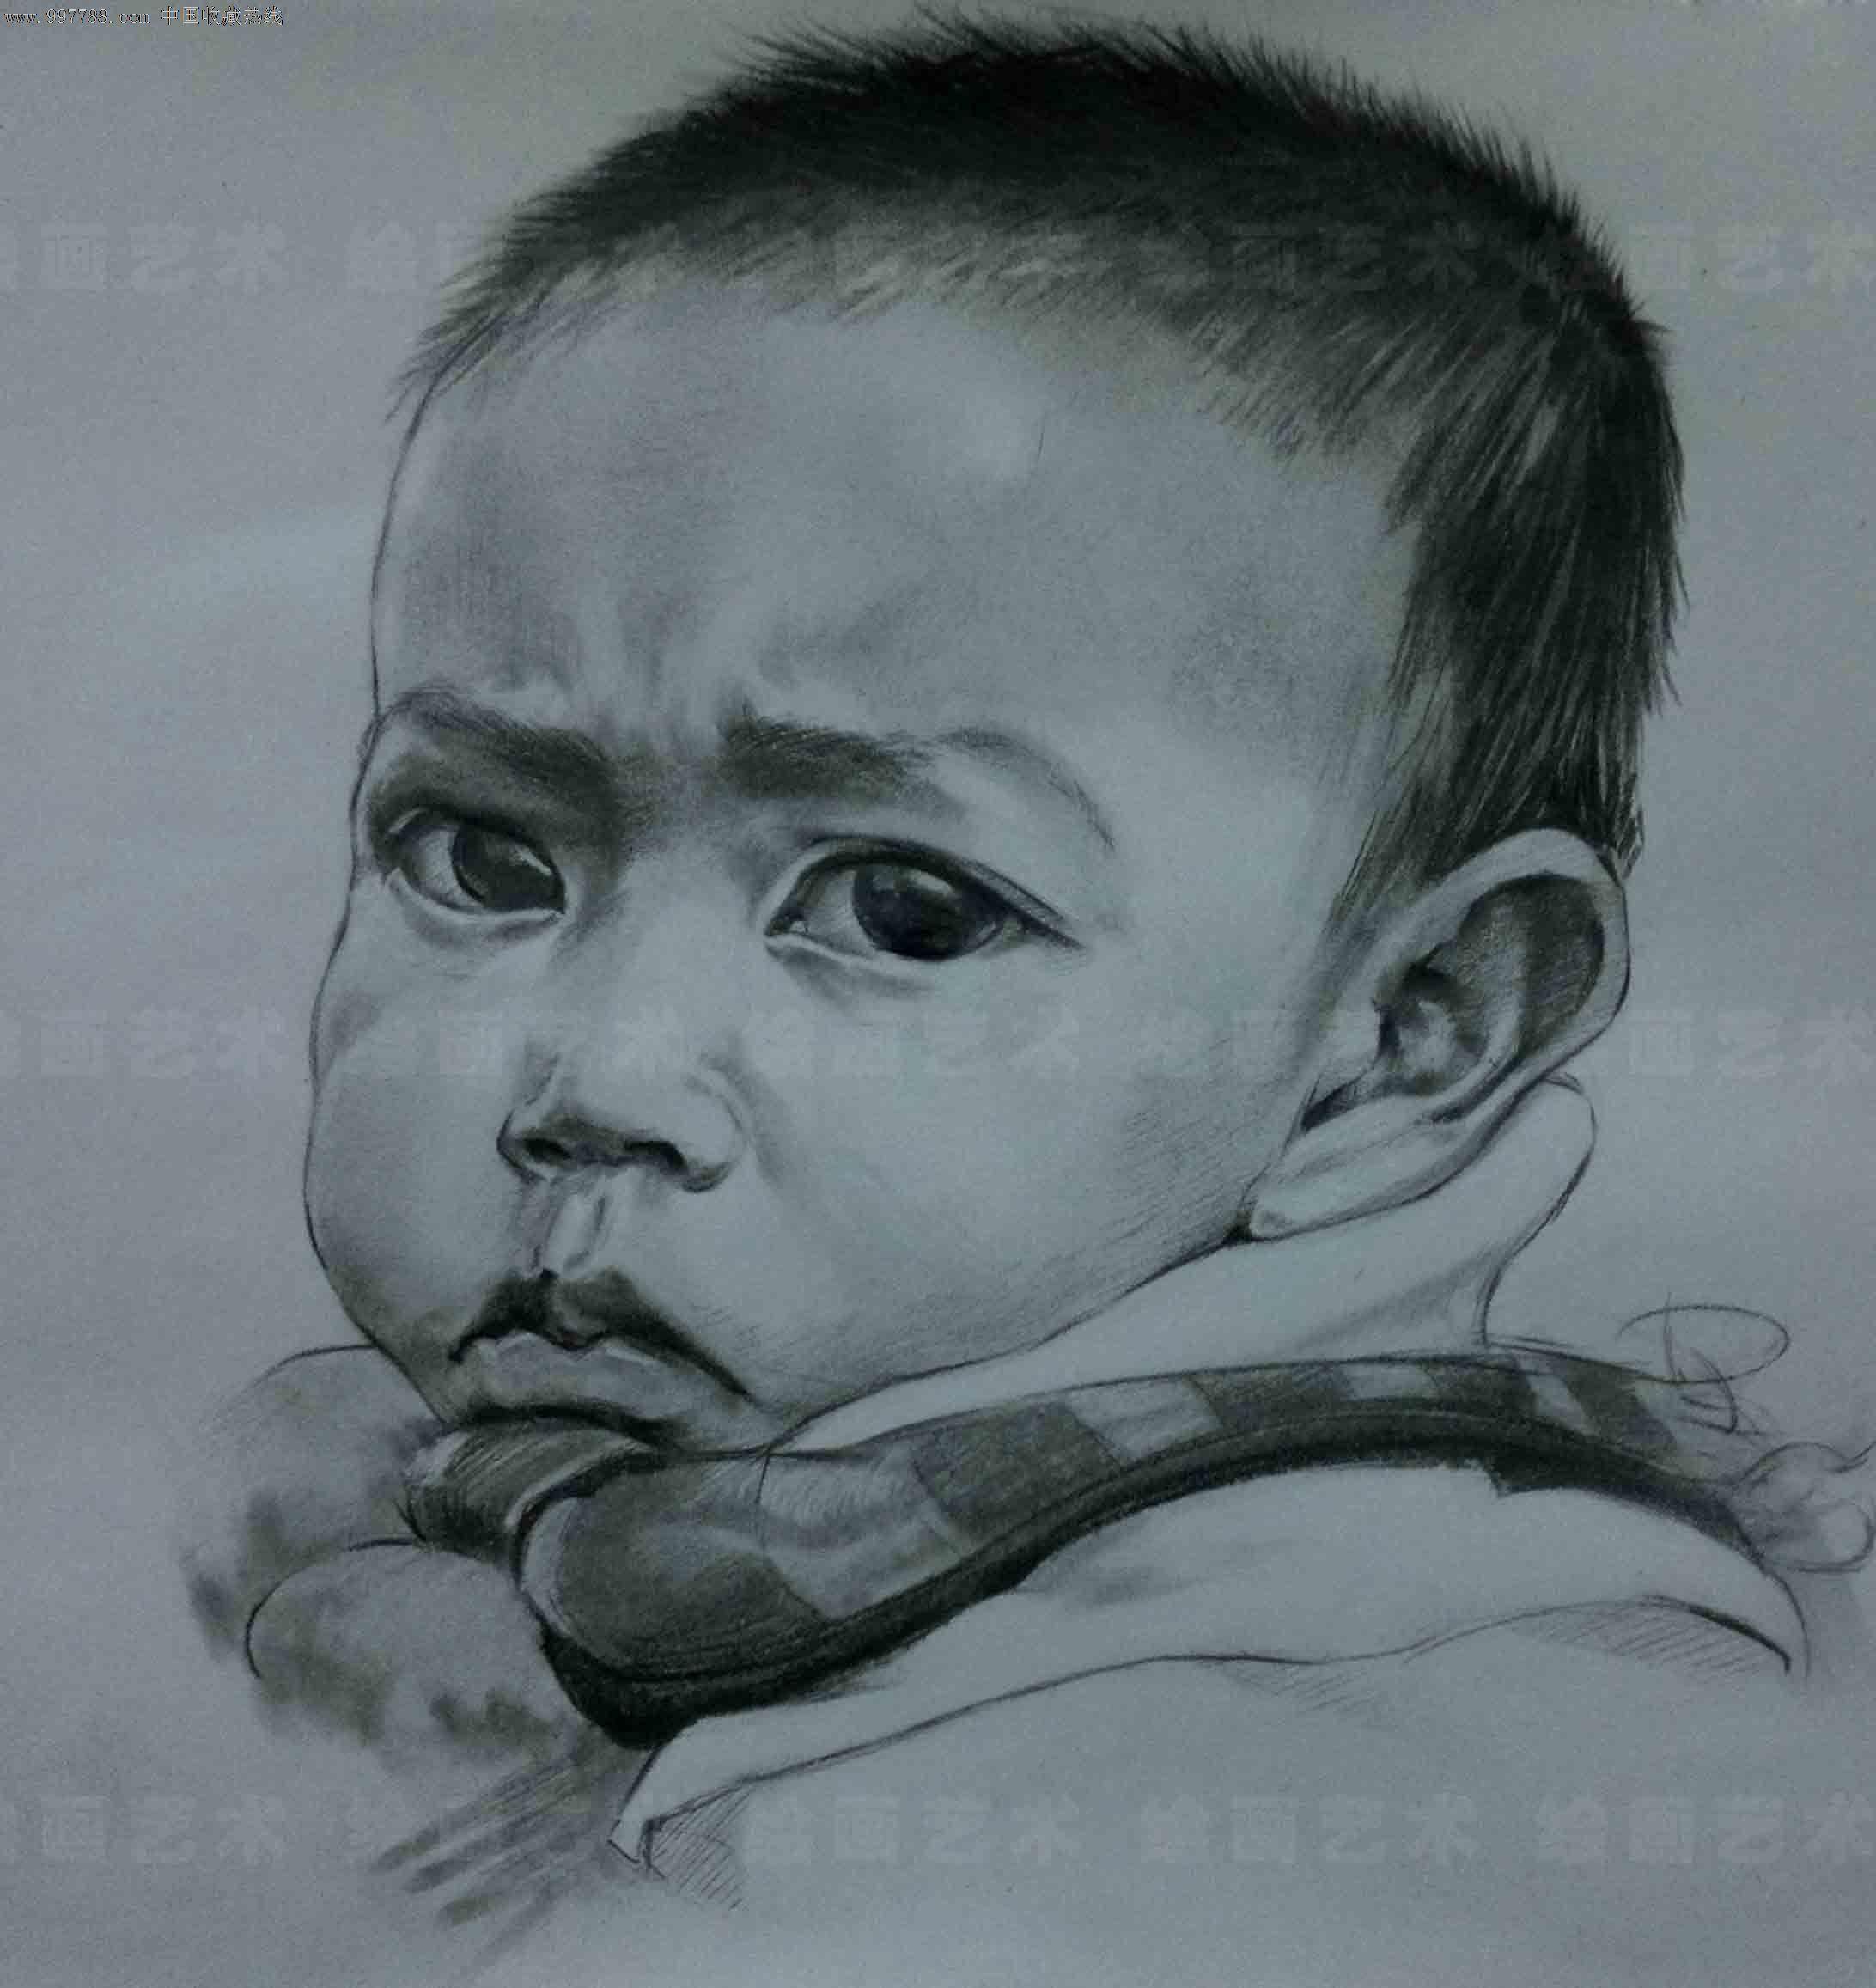 铅笔素描,彩铅画,色粉画,炭笔画,素描纸本手绘作品,依据您发来的高清